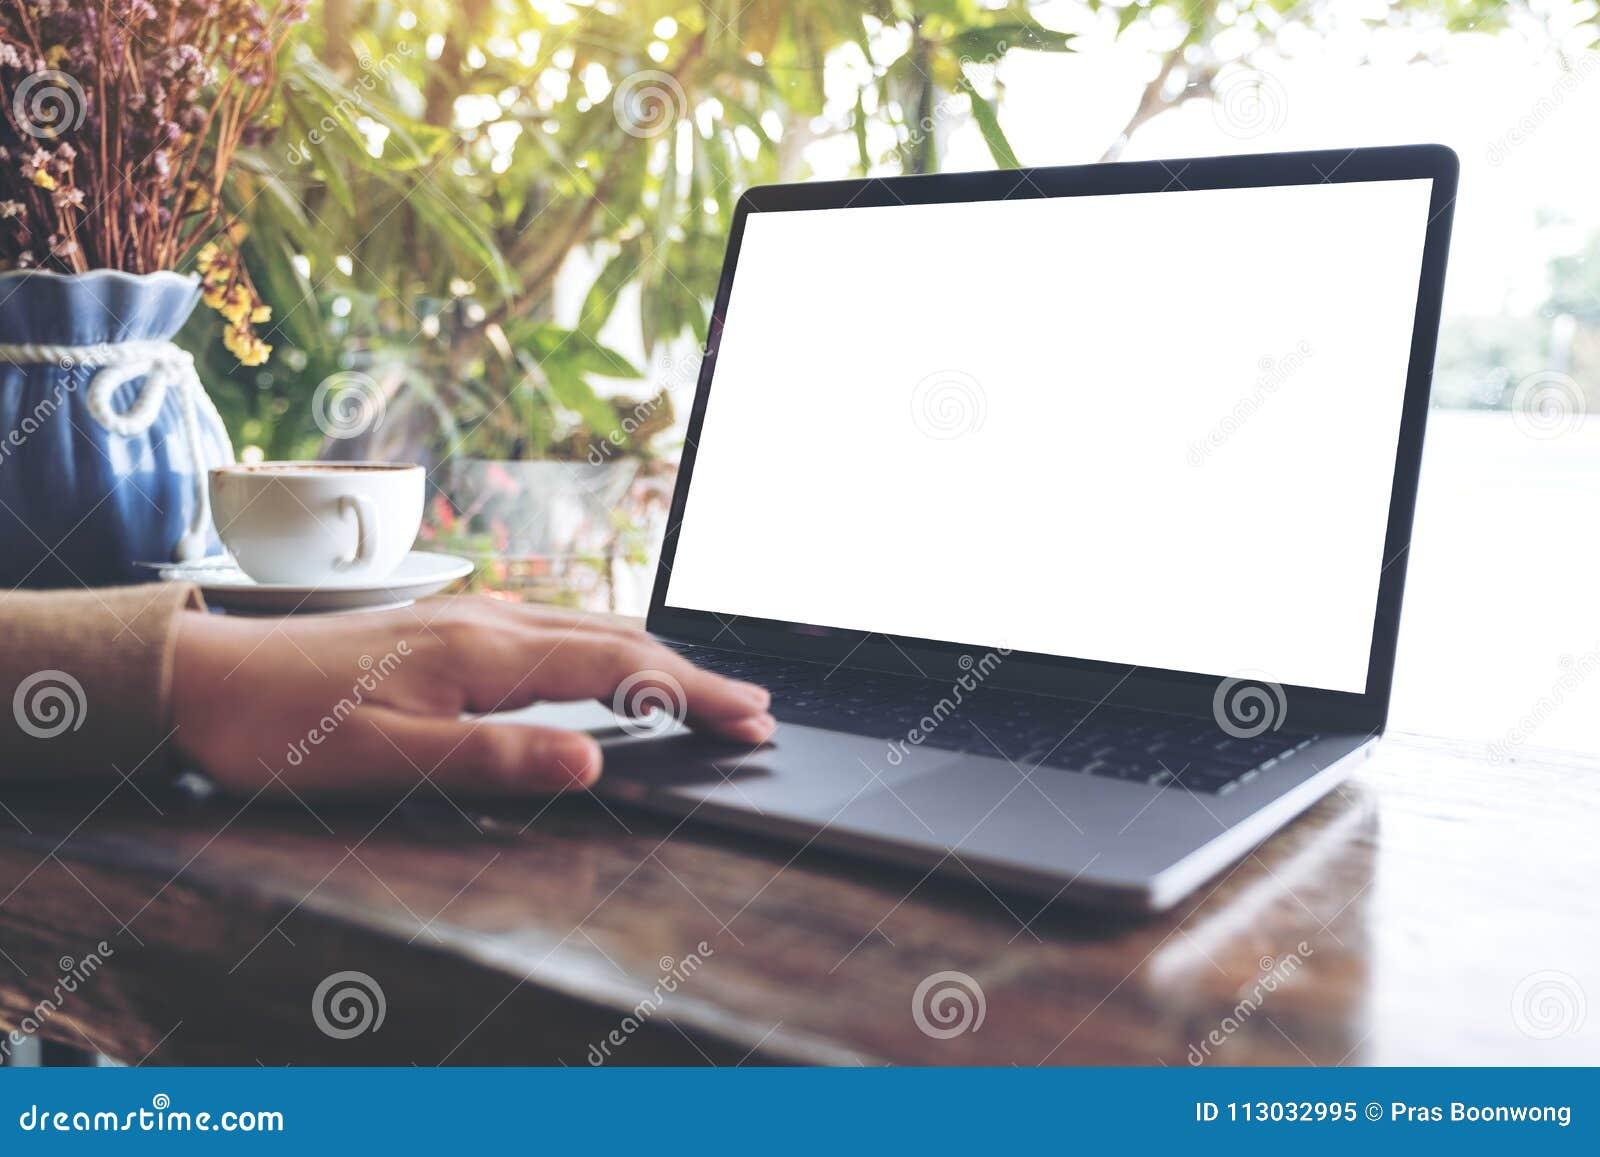 Imagen de la maqueta de manos usando y tocando en el ordenador portátil con la pantalla de escritorio blanca en blanco en la tabl